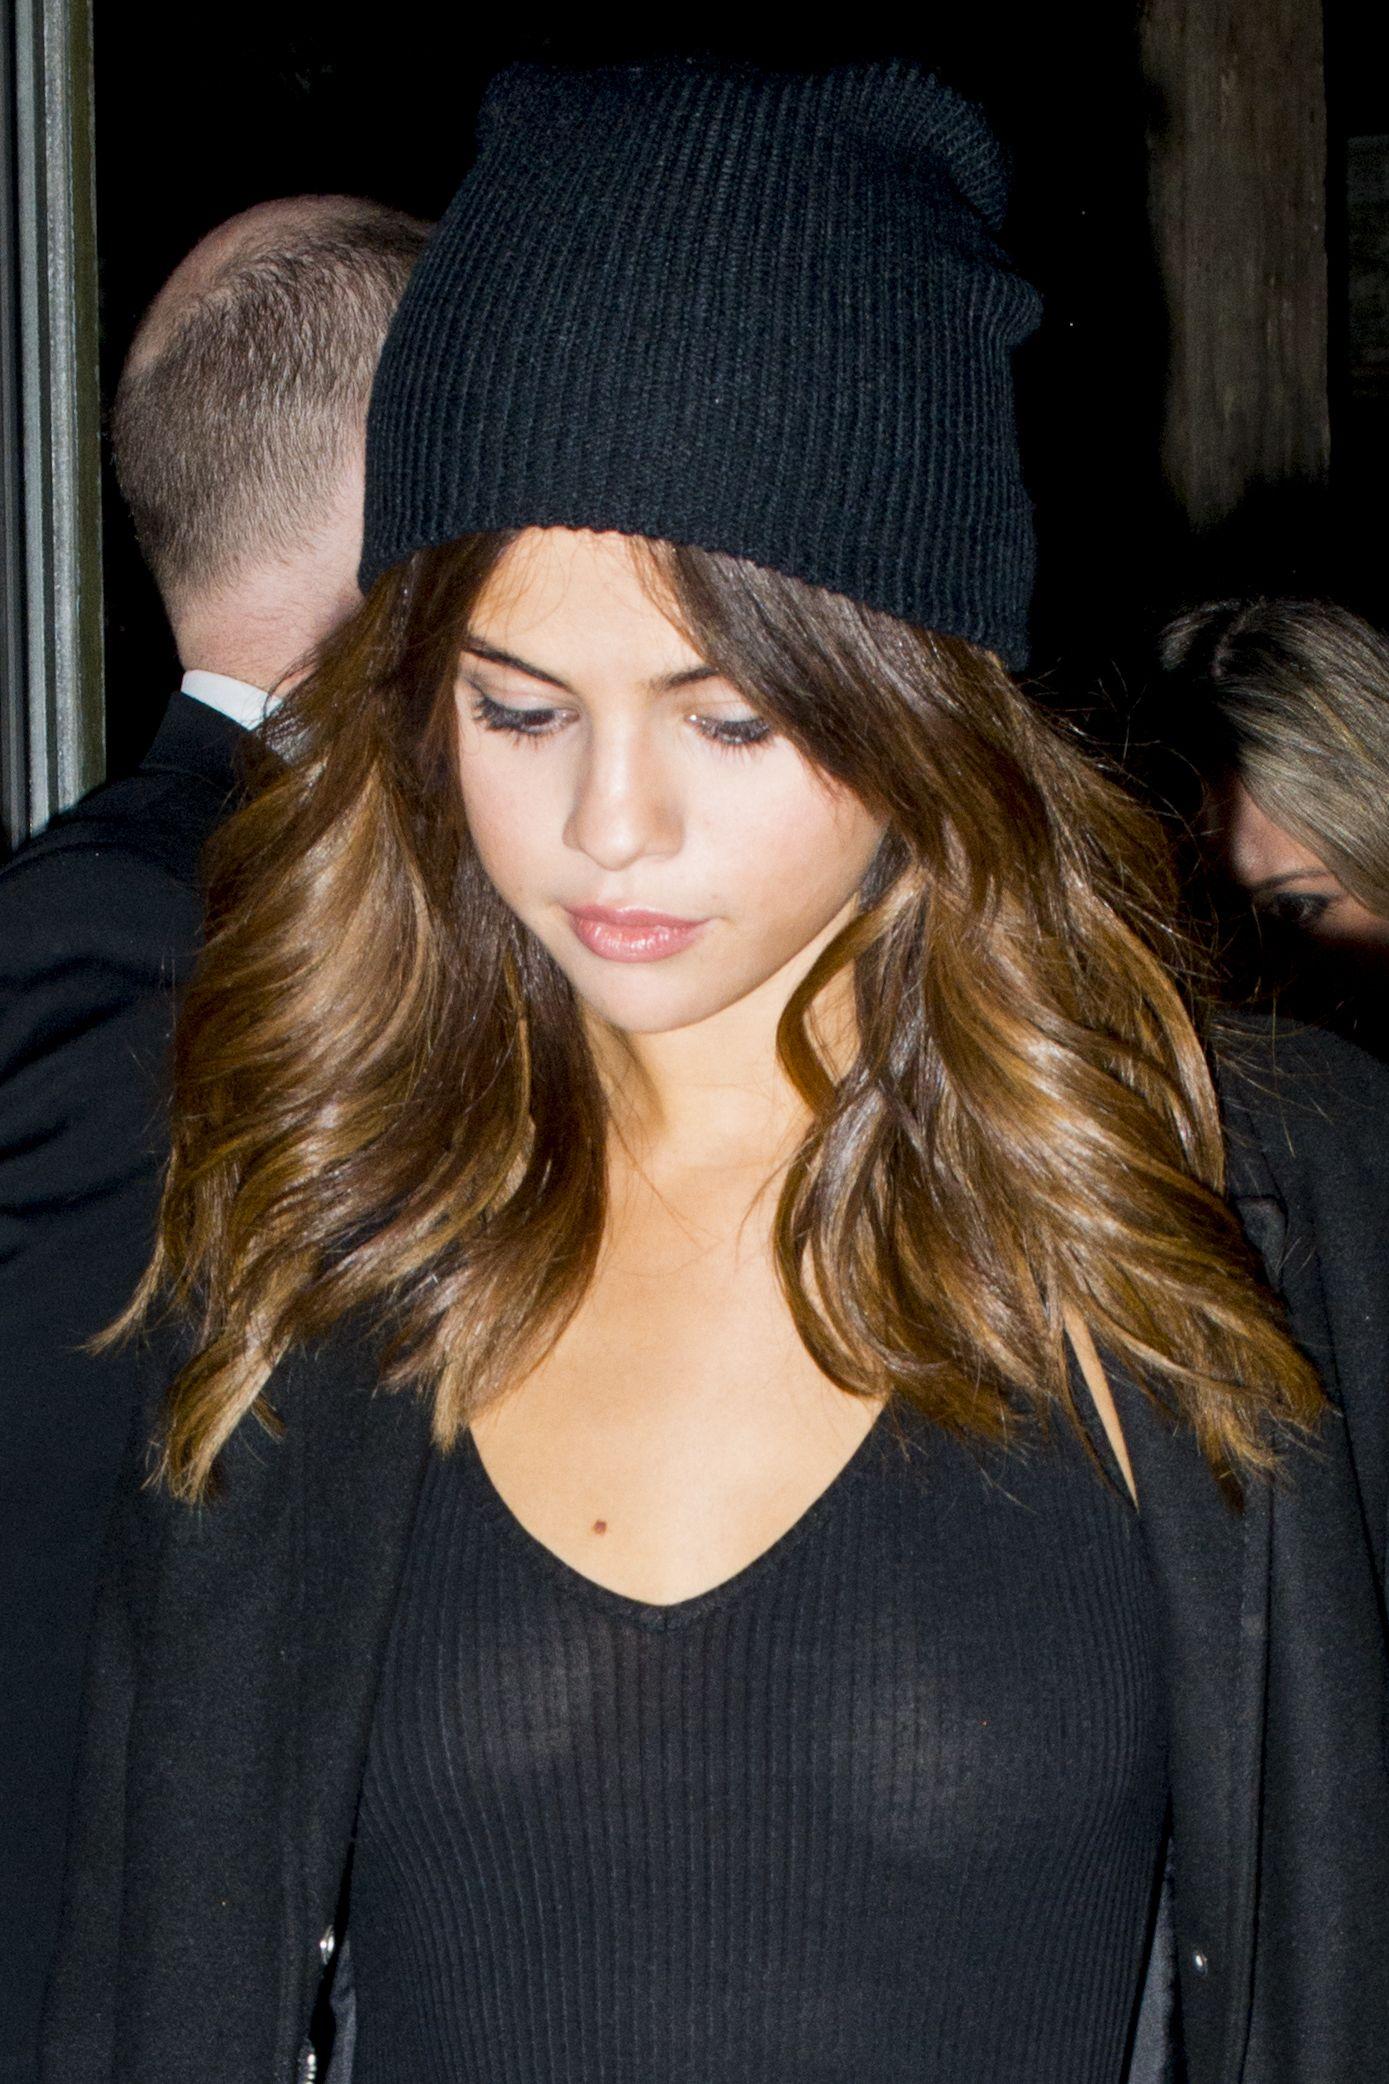 Selena Gomez Braless 1 Sn1507